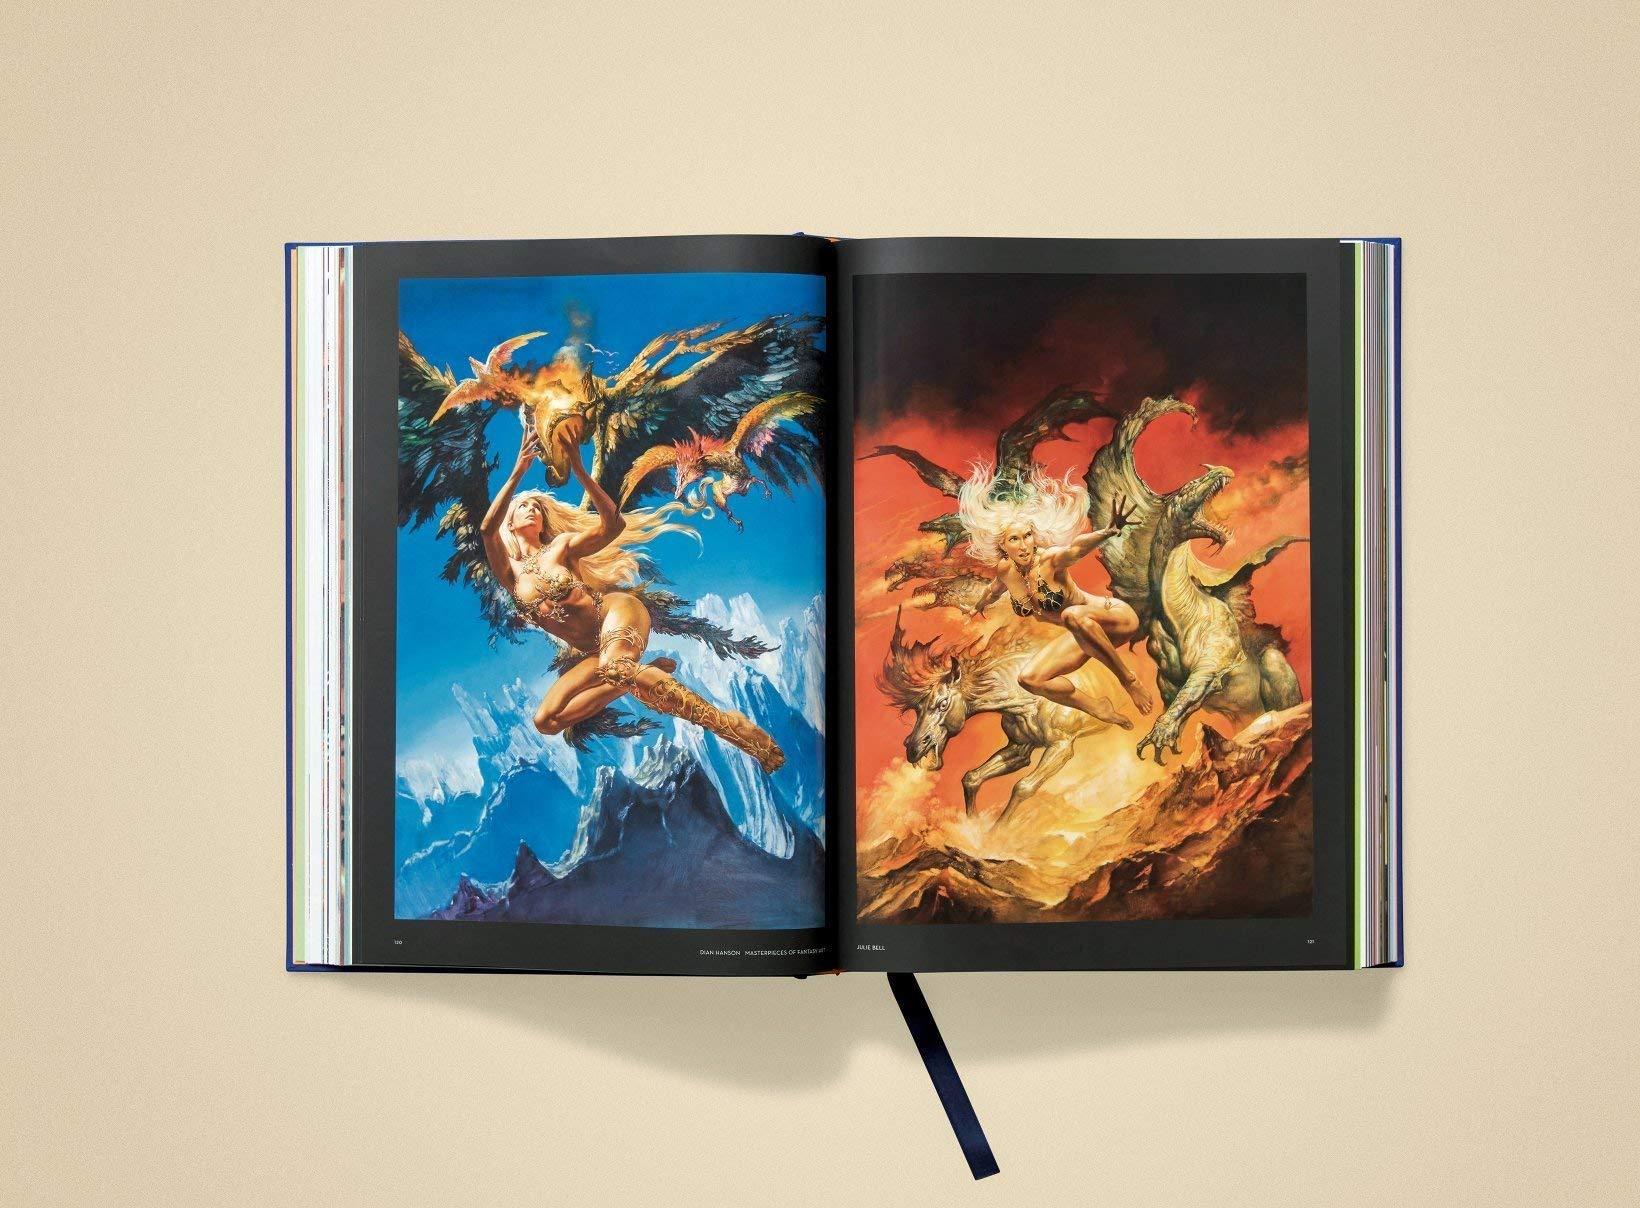 Masterpieces Of Fantasy Art Extra large Inglés Tapa dura: Amazon.es: Hanson, Dian: Libros en idiomas extranjeros